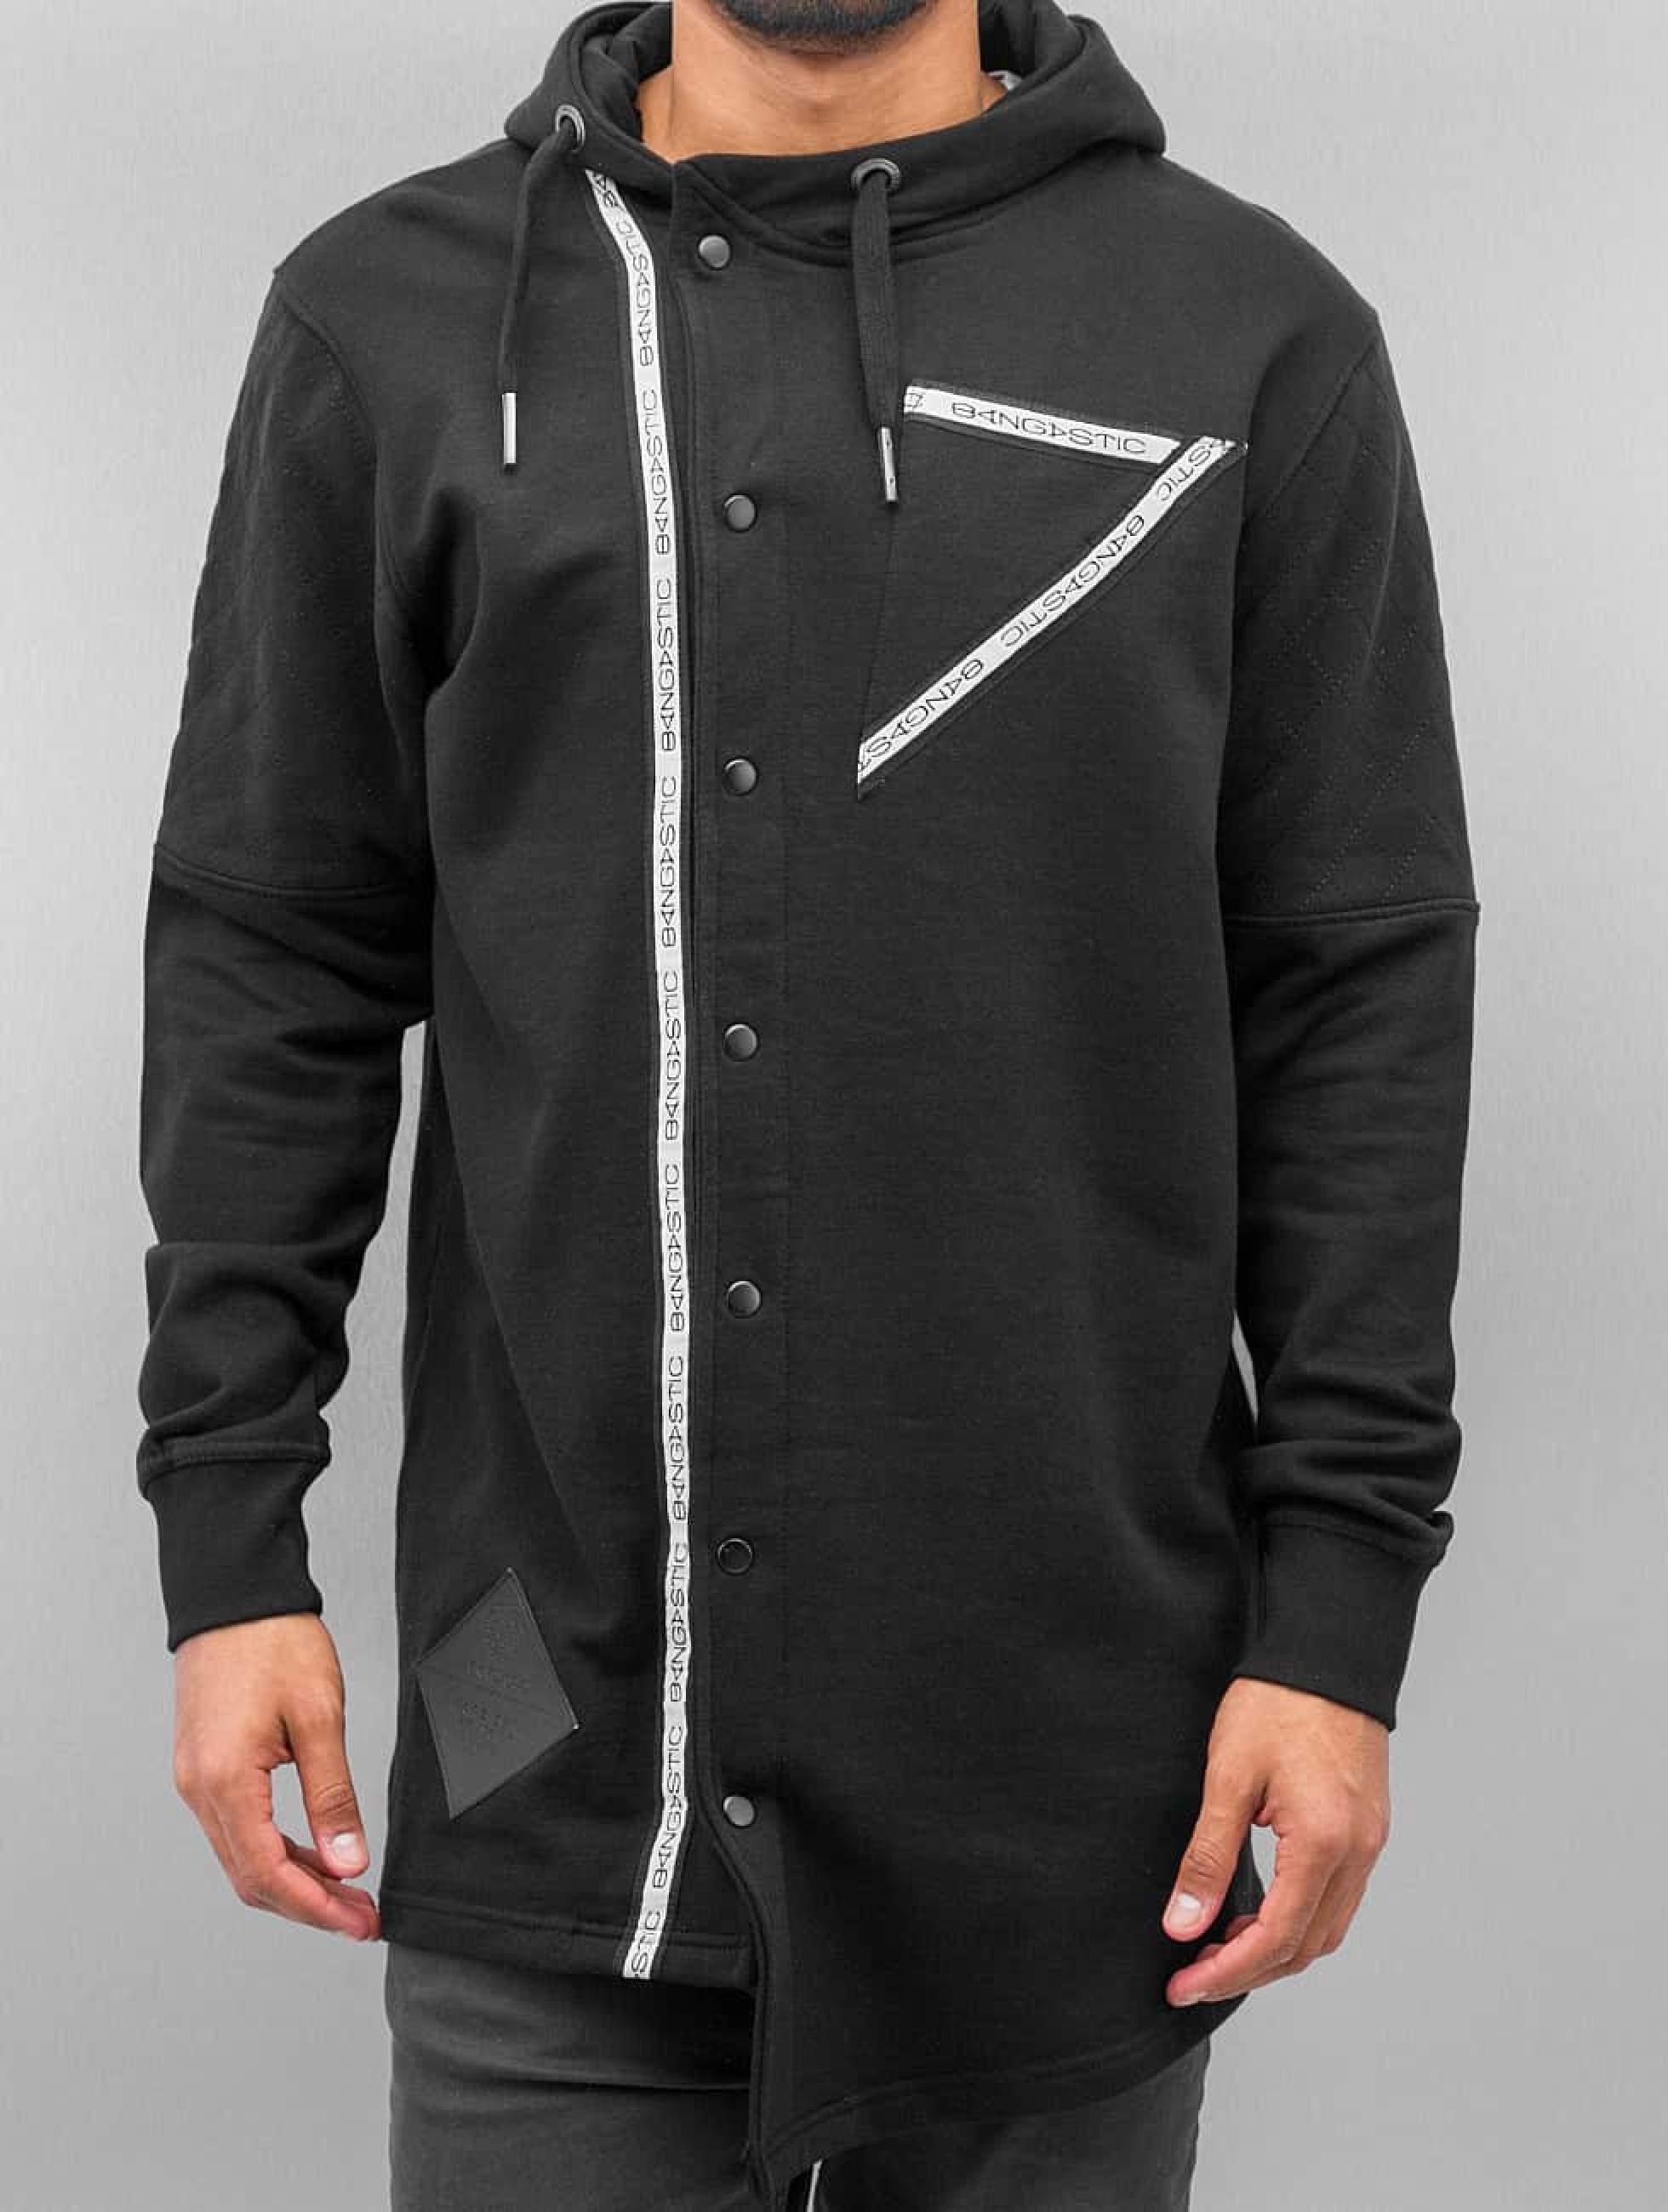 Bangastic / Zip Hoodie Banger in black S